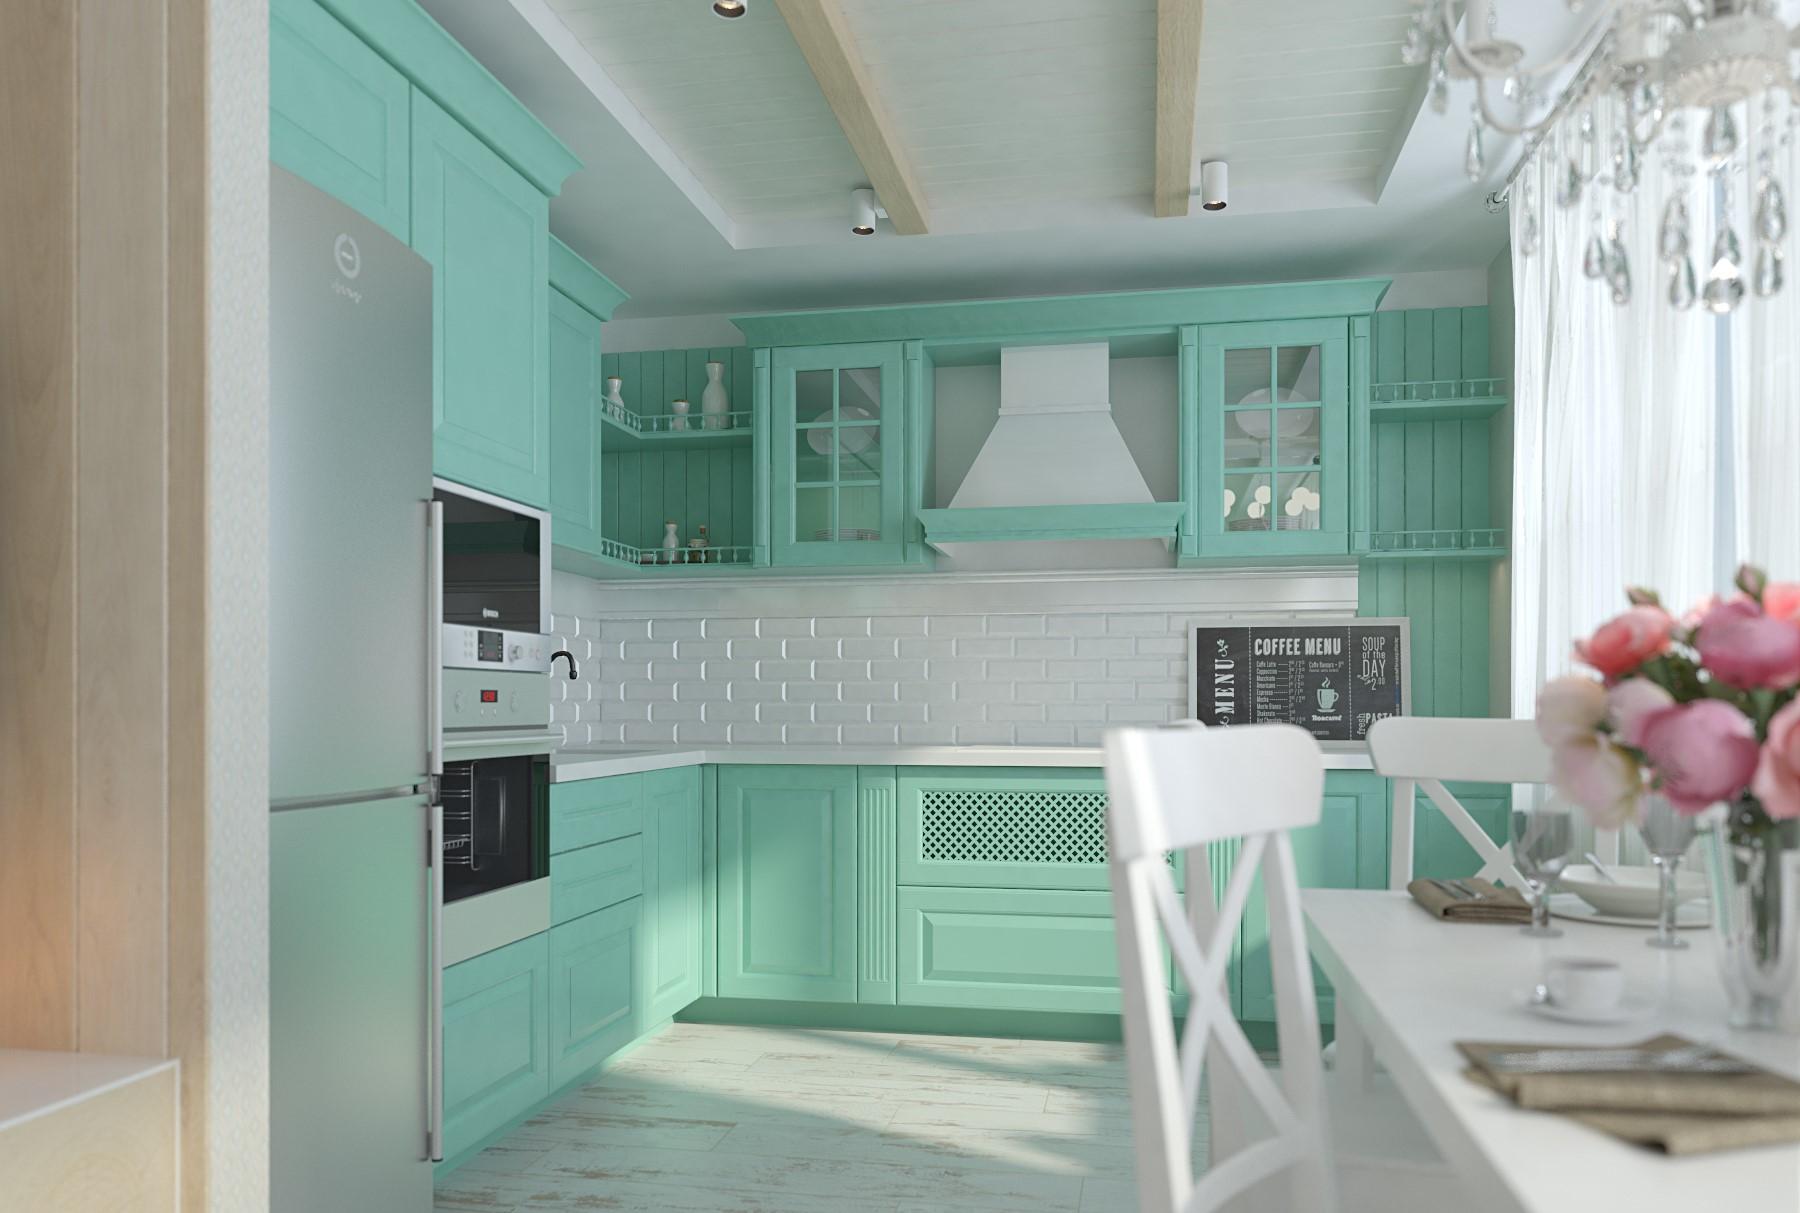 Мятная кухня (51 фото): гарнитур цвета мяты в интерьере кухни, особенности ментолового и других цветов